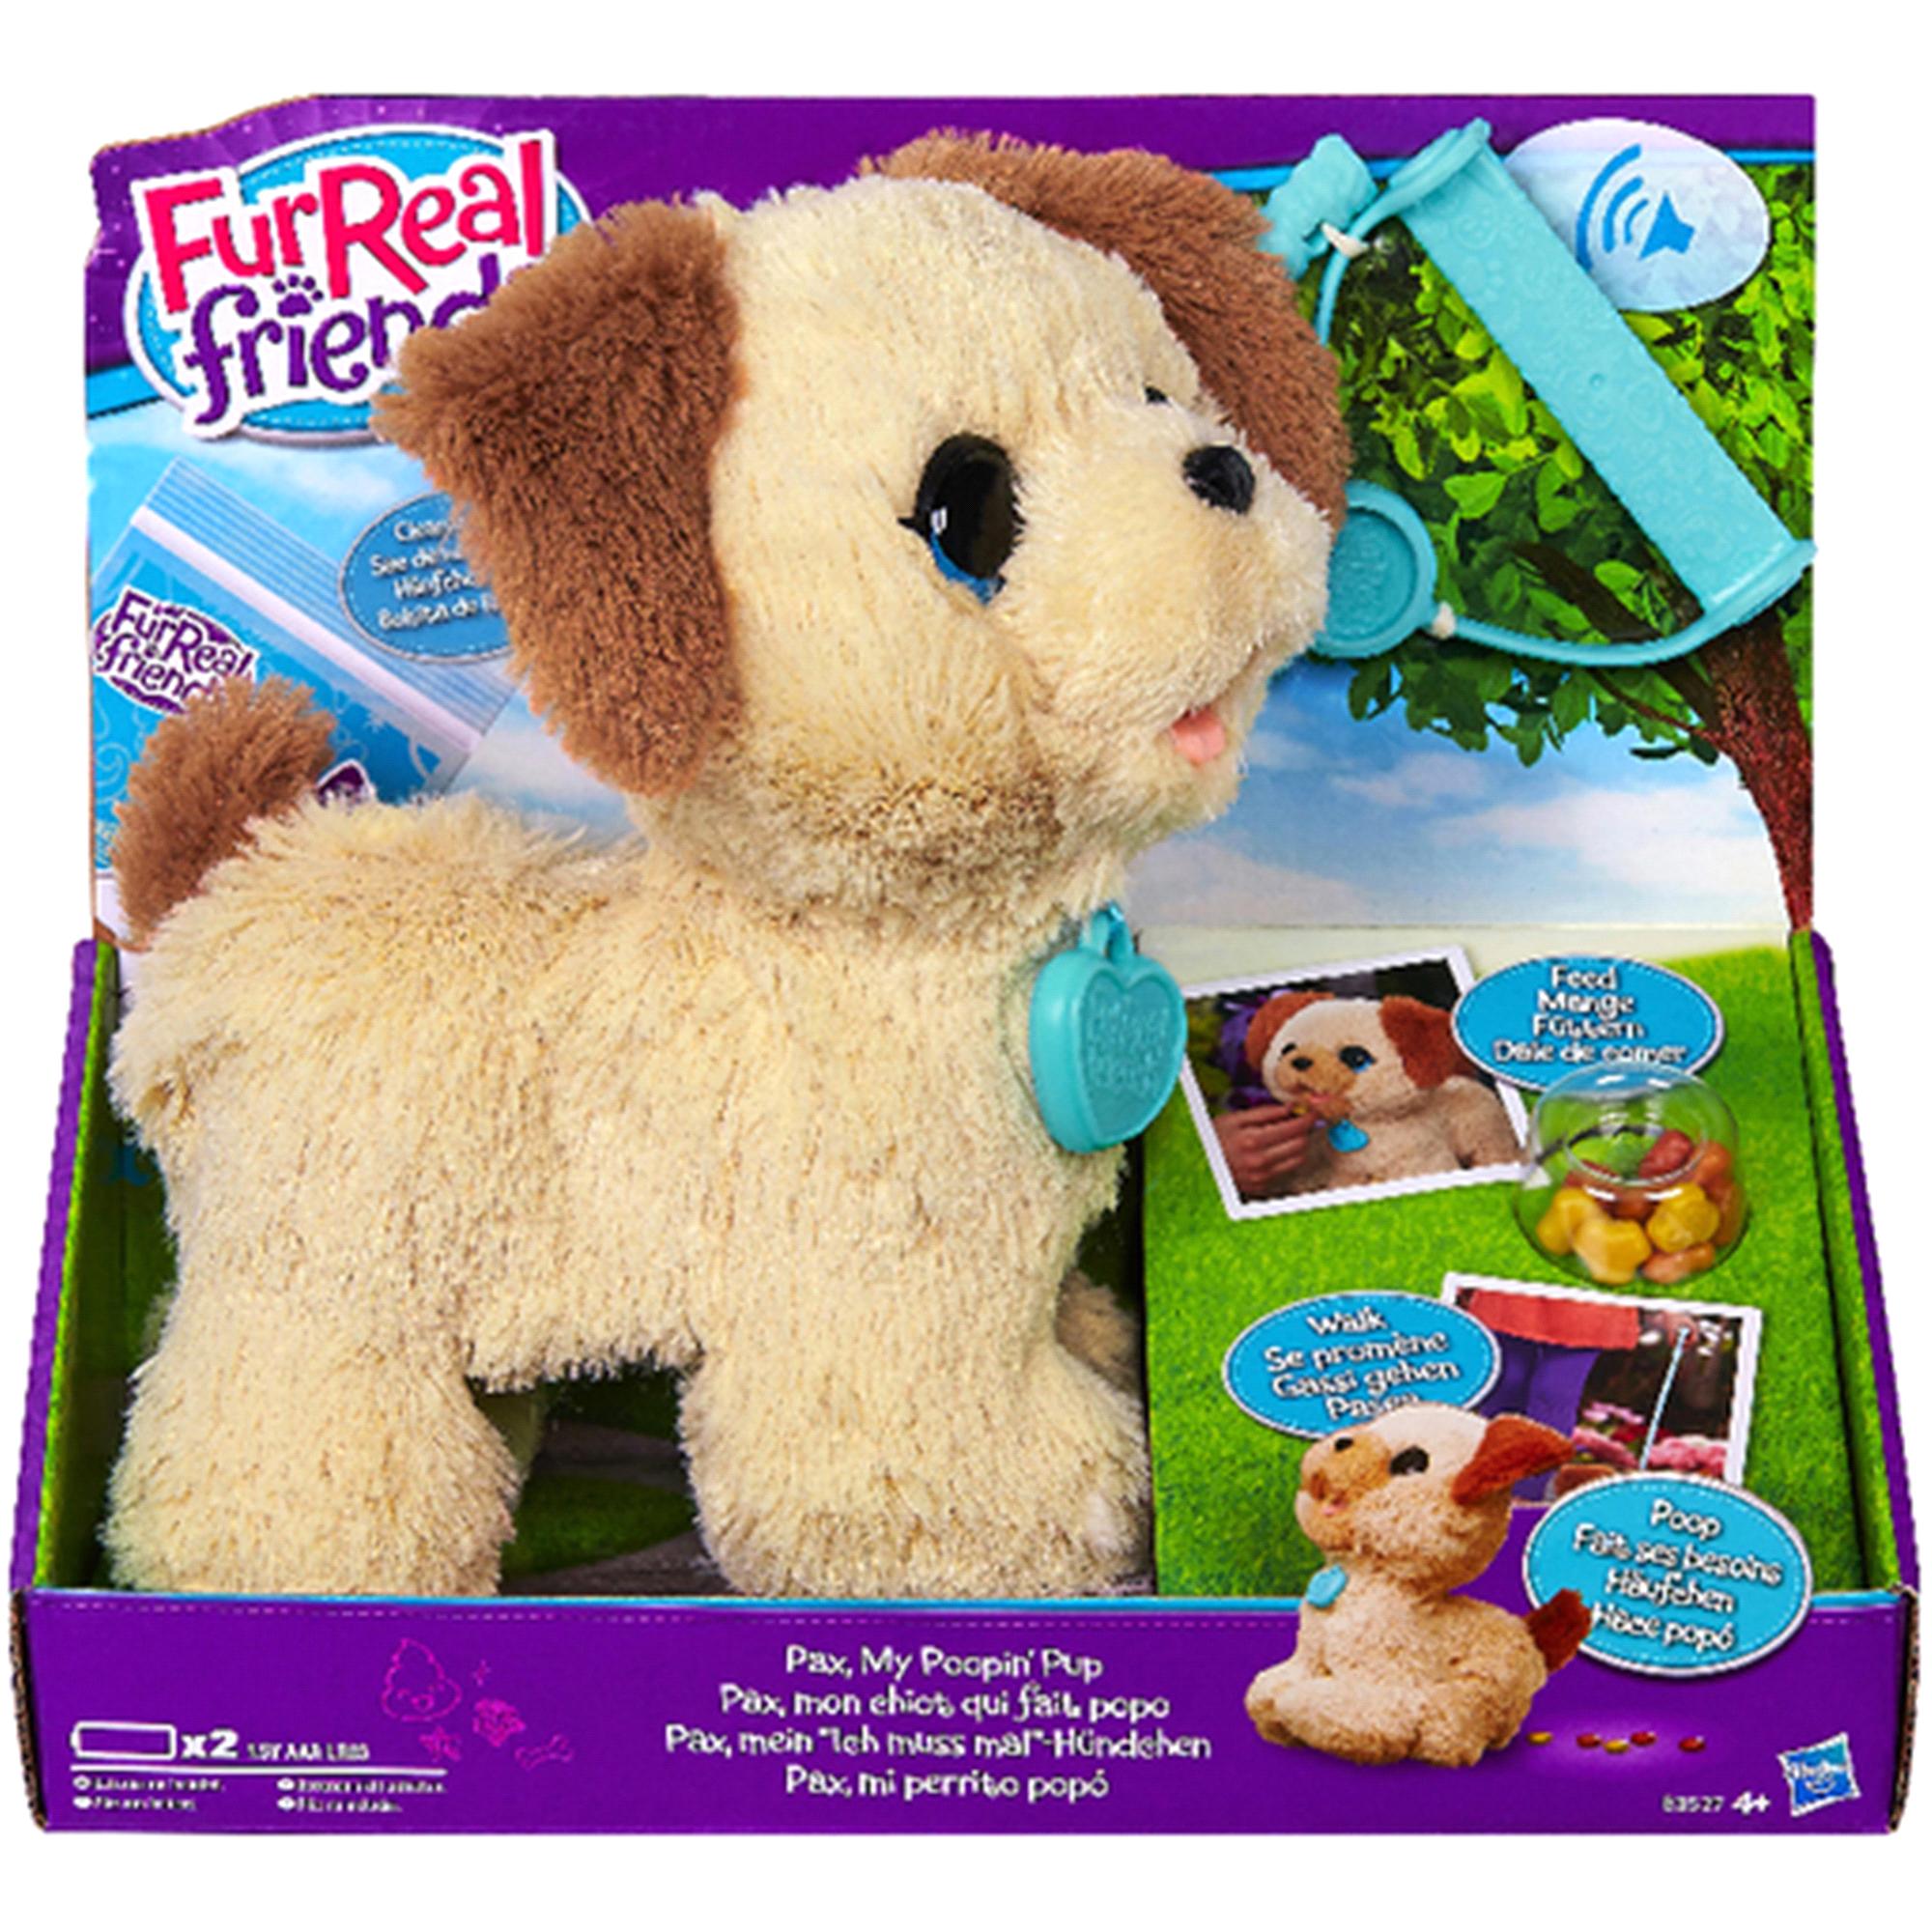 furReal Pax My Poopin Pup | Meijer.com